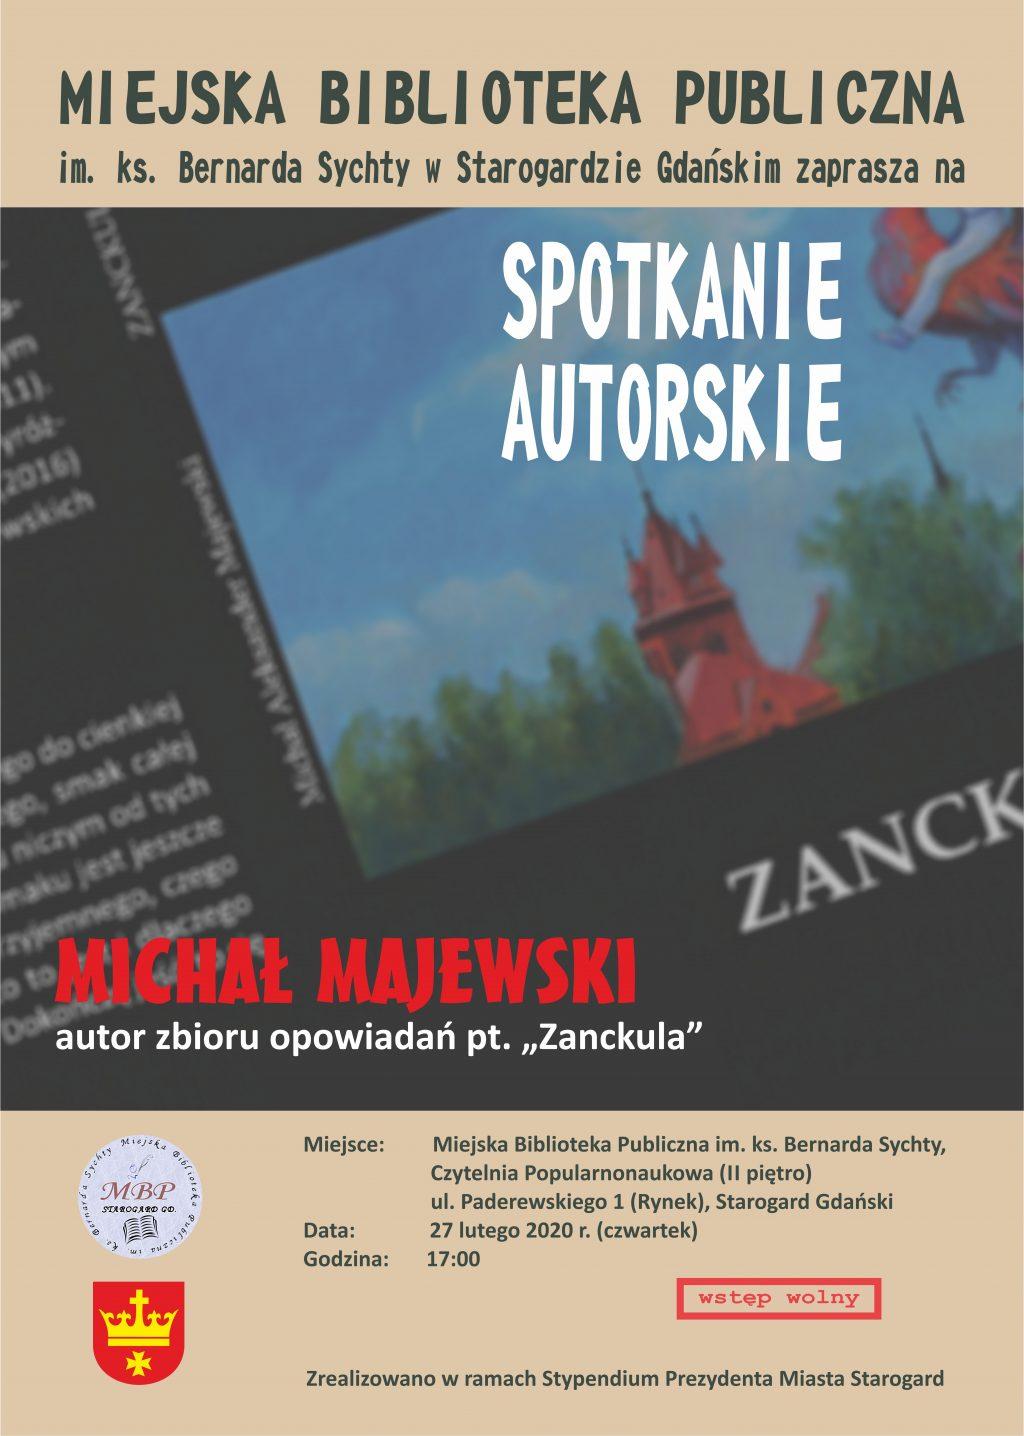 Spotkanie autorskie z Michałem Majewskim